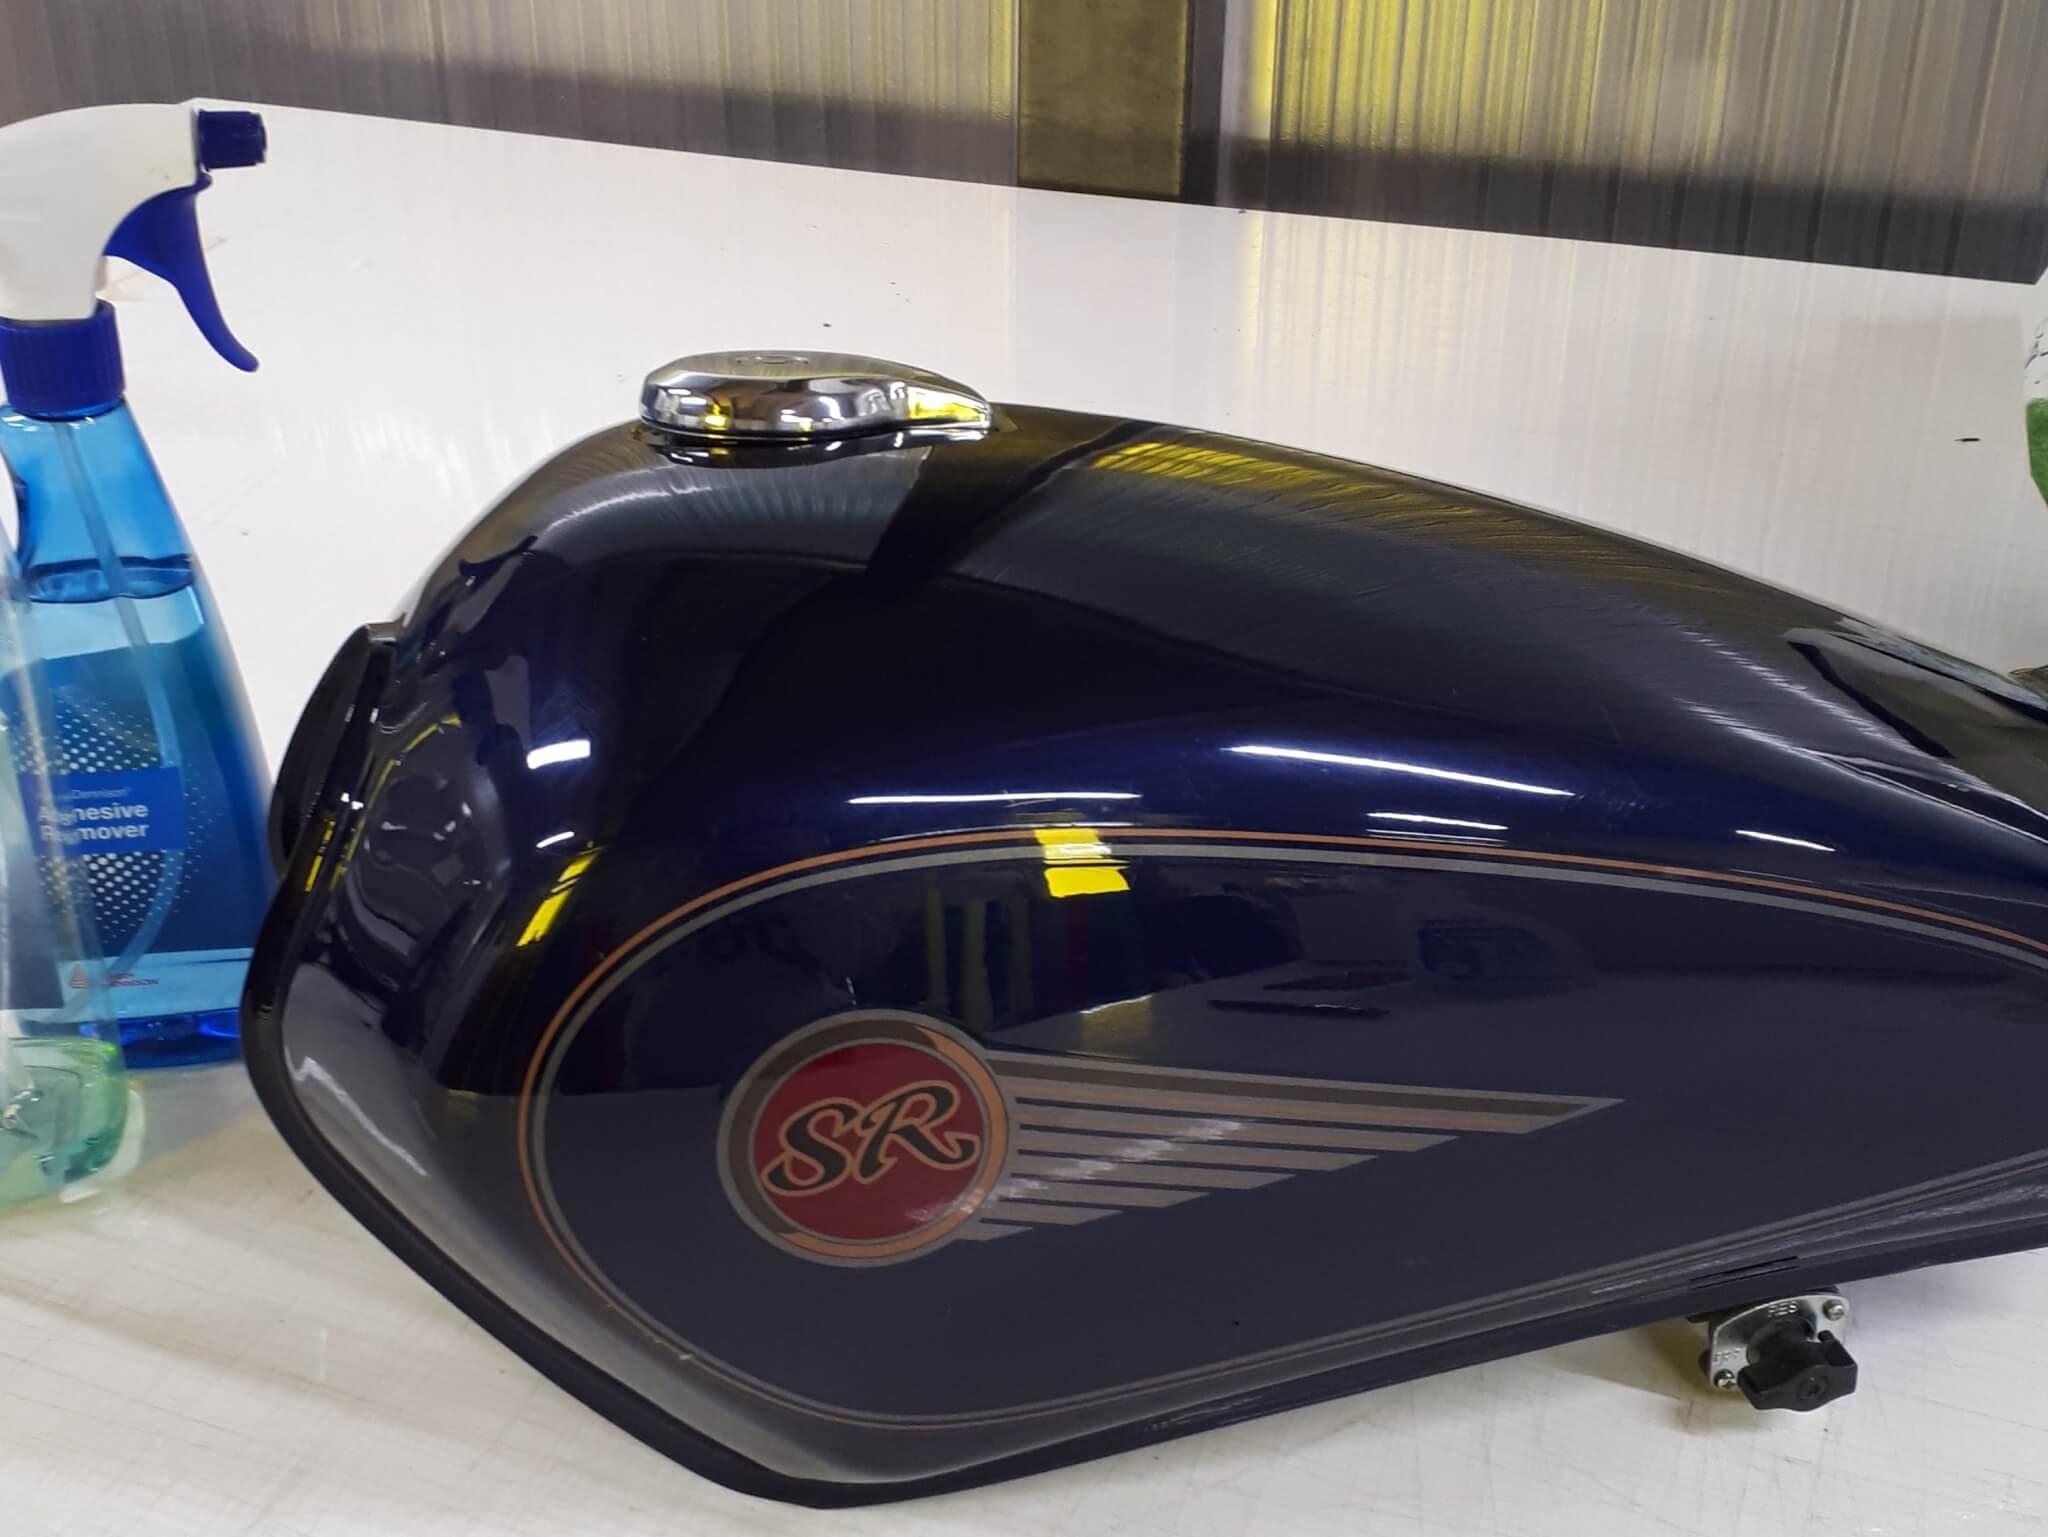 Covering moto- réservoir avant Coverinf  - SES Grigny -Lyon